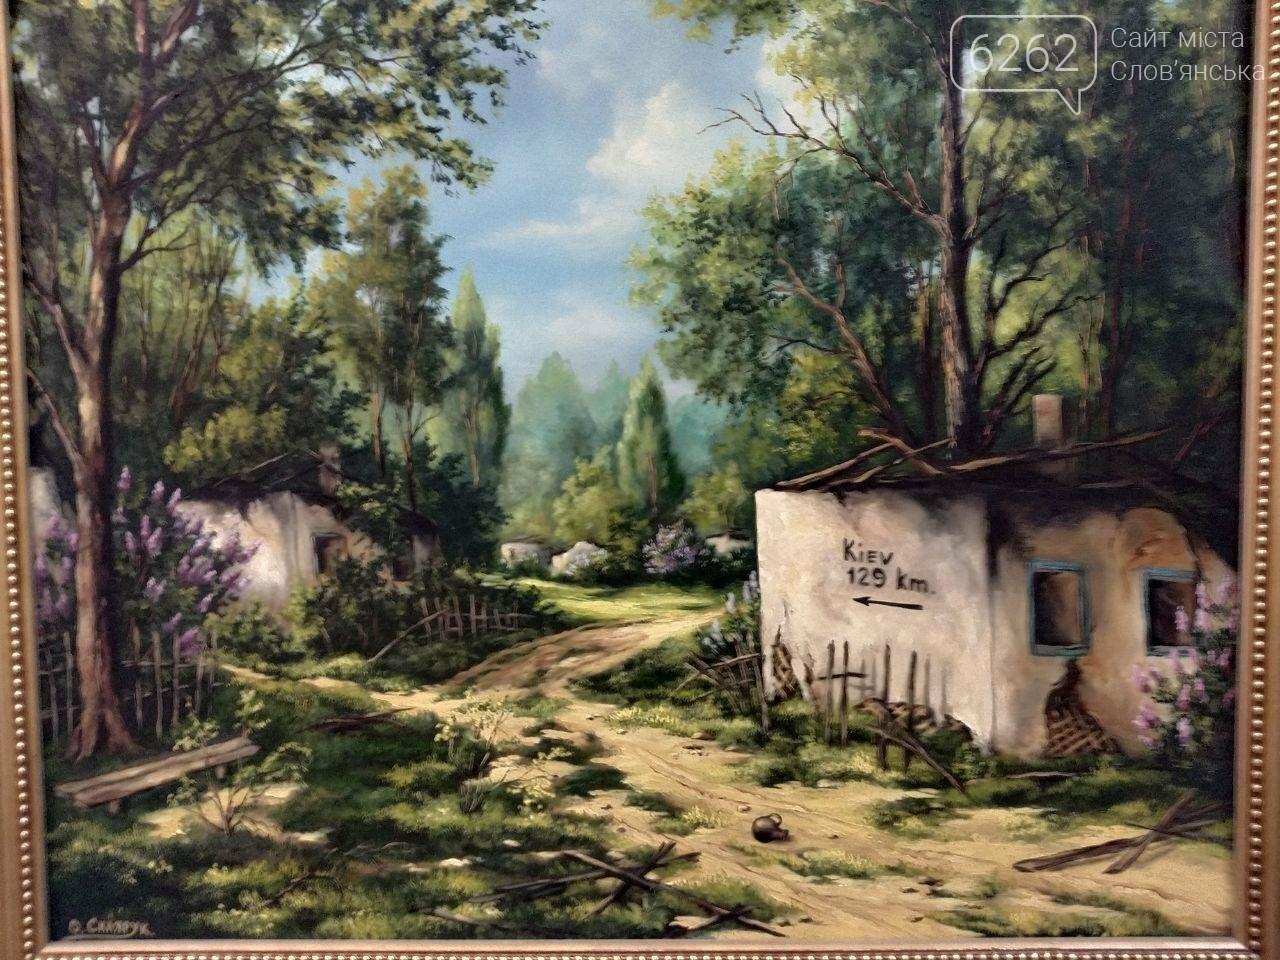 З власної колекції музею: у Слов'янську відкрилася художня виставка, фото-5